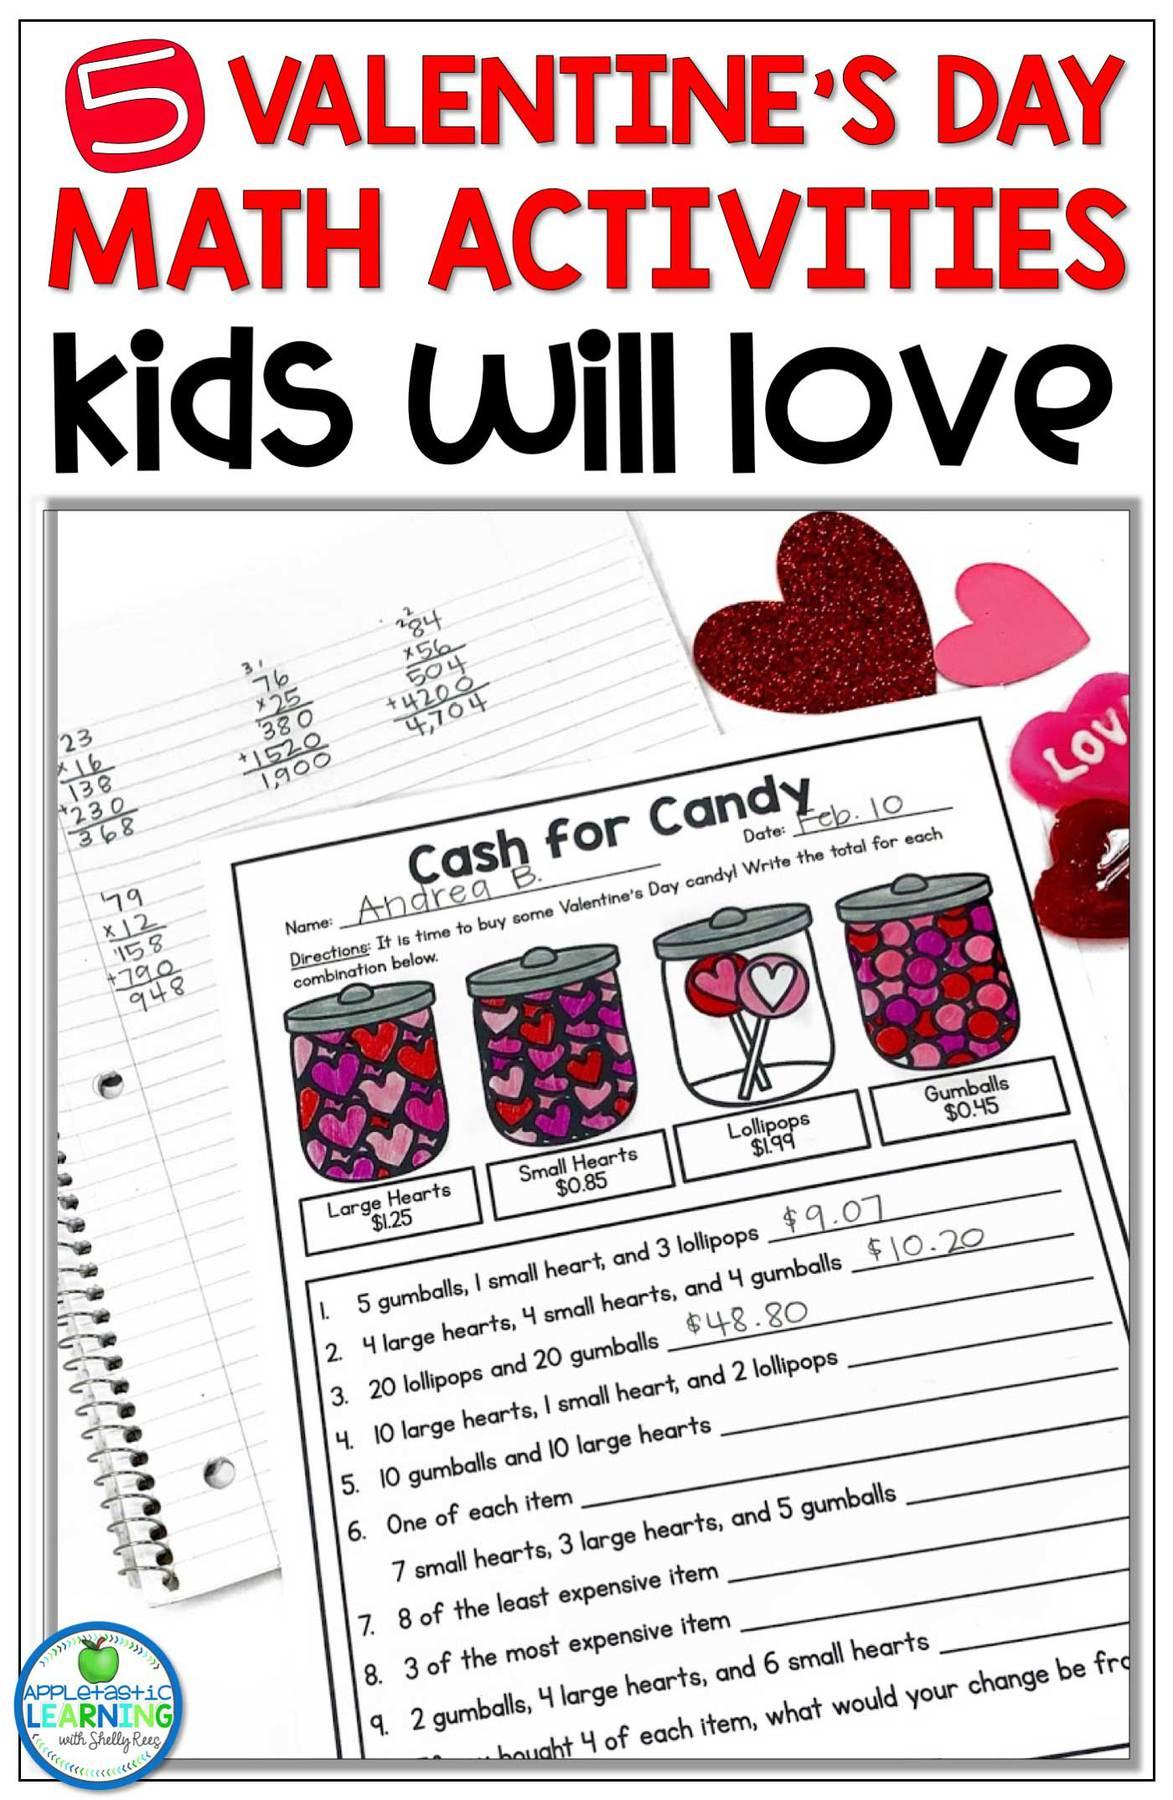 Valentine's Day math activities kids love